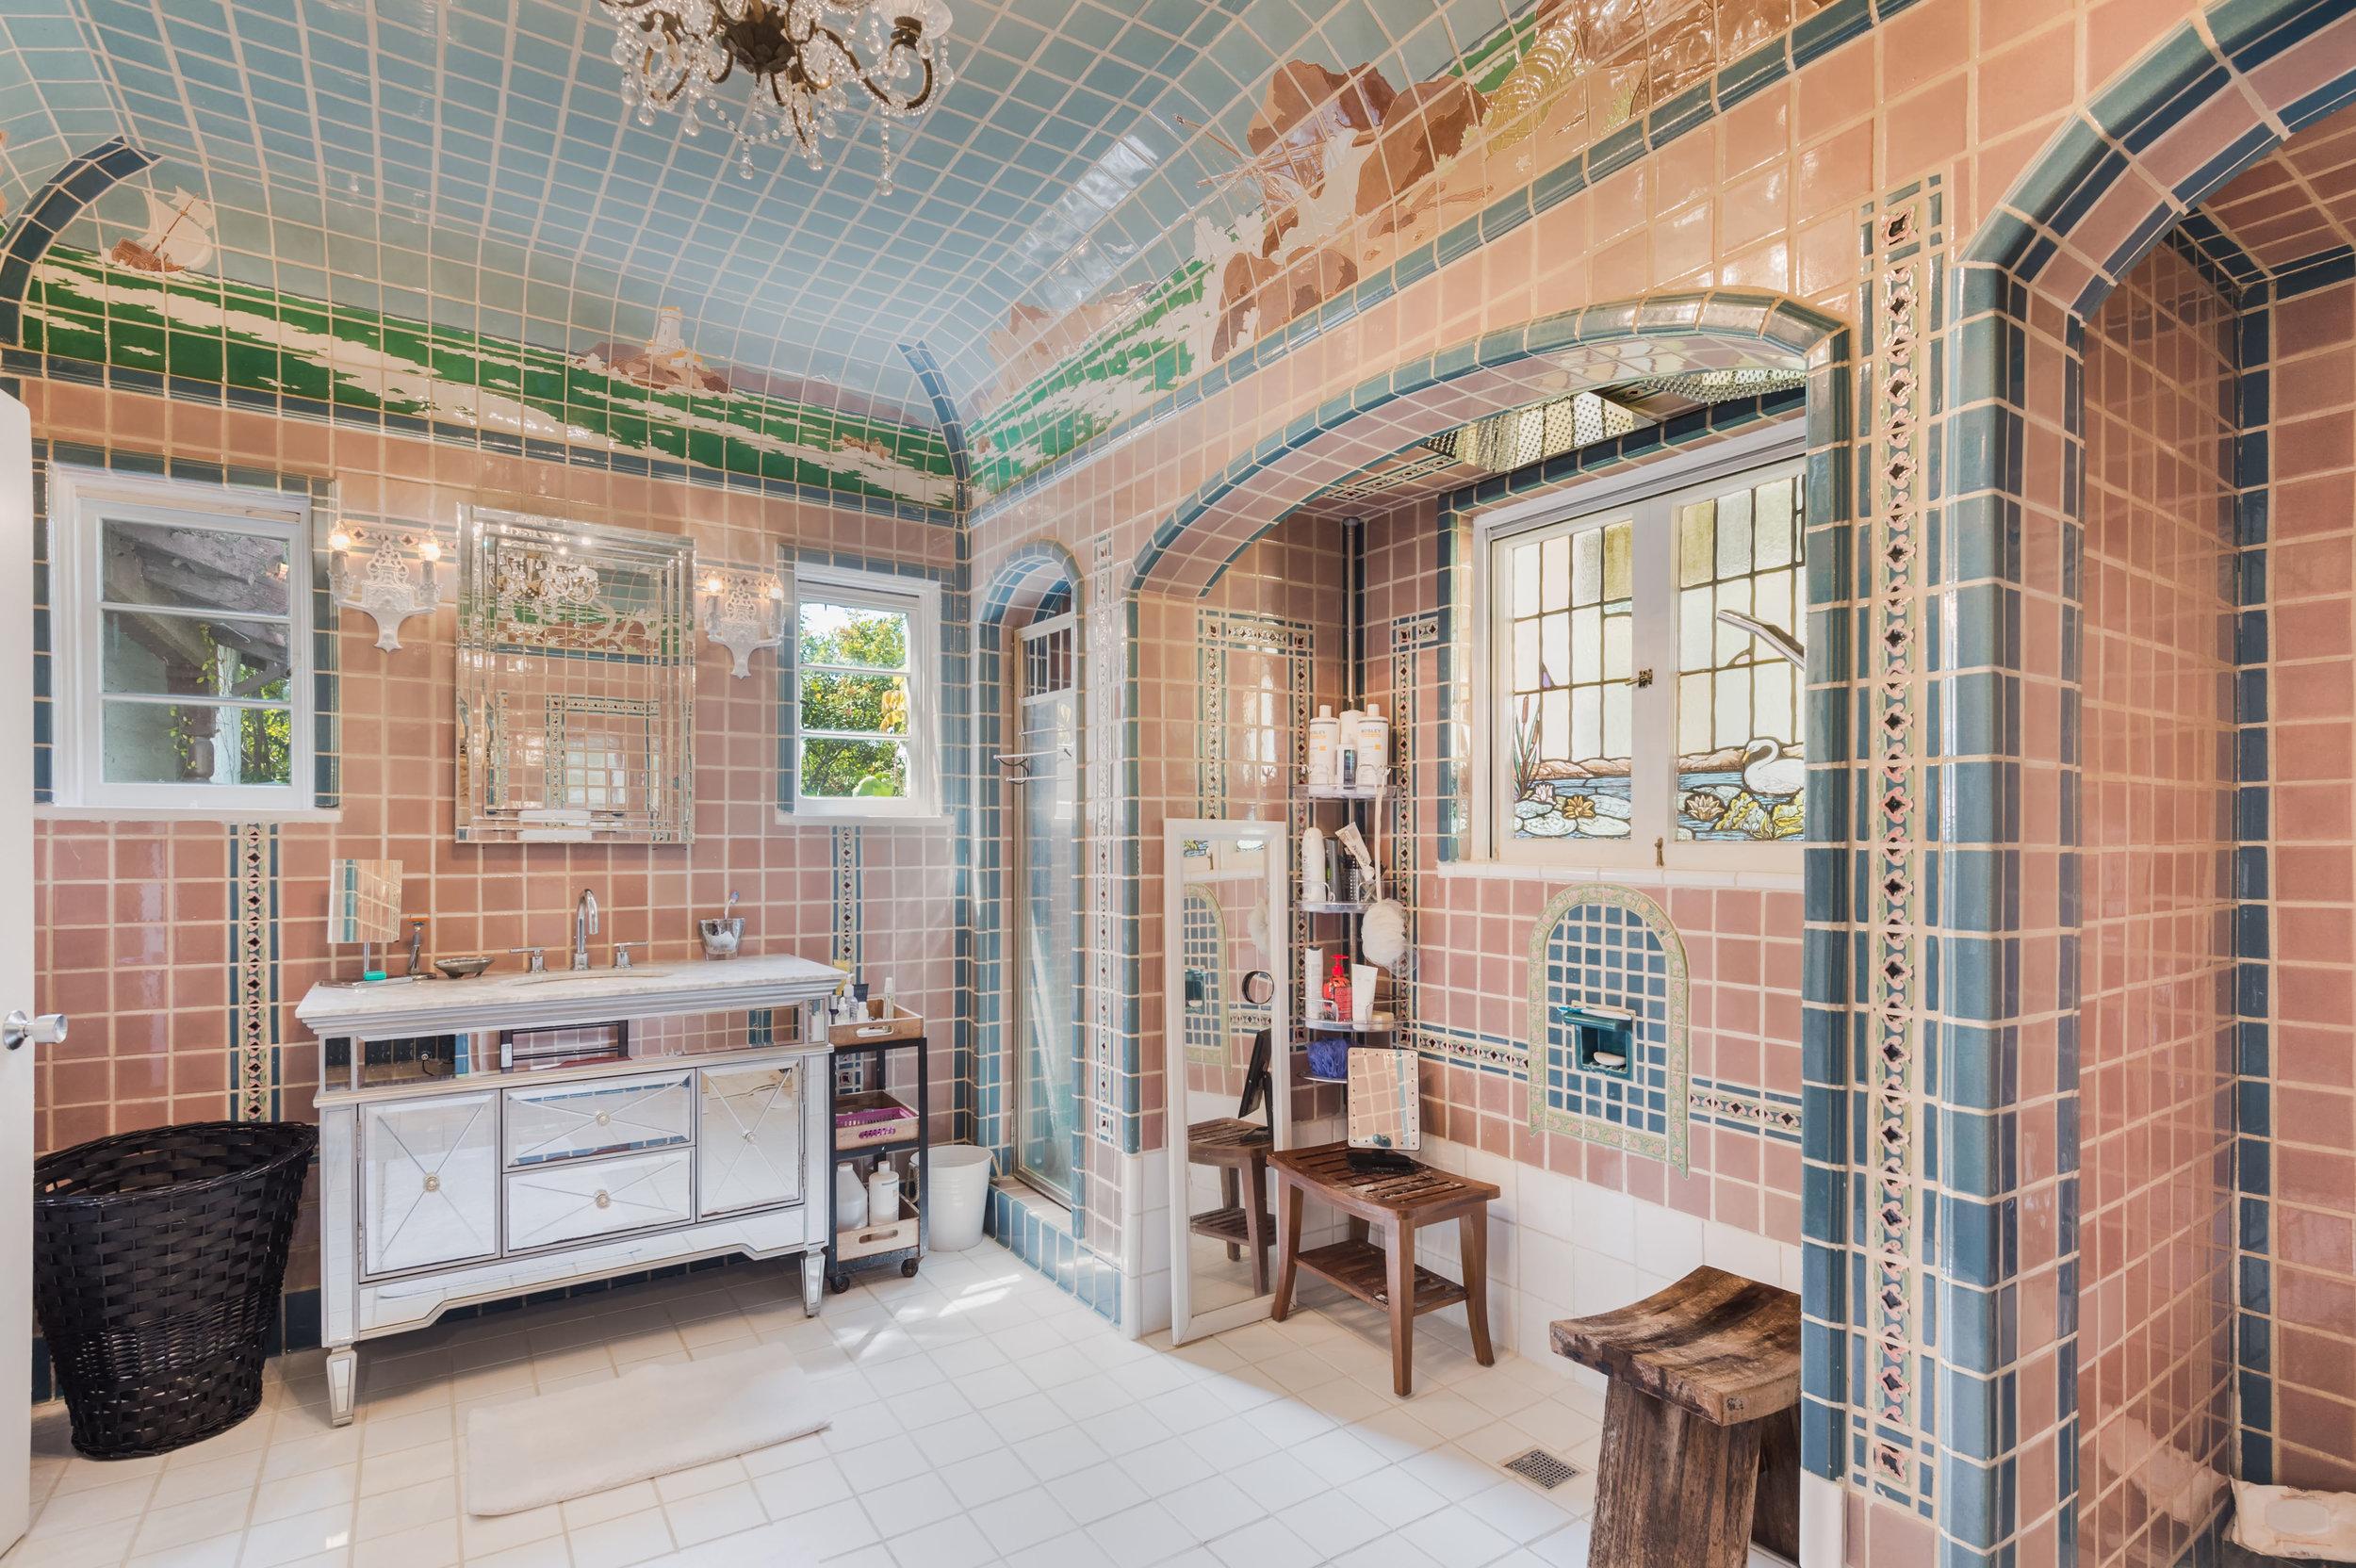 015 Bathroom 006 Pool 4915 Los Feliz For Sale Los Angeles Lease The Malibu Life Team Luxury Real Estate.jpg